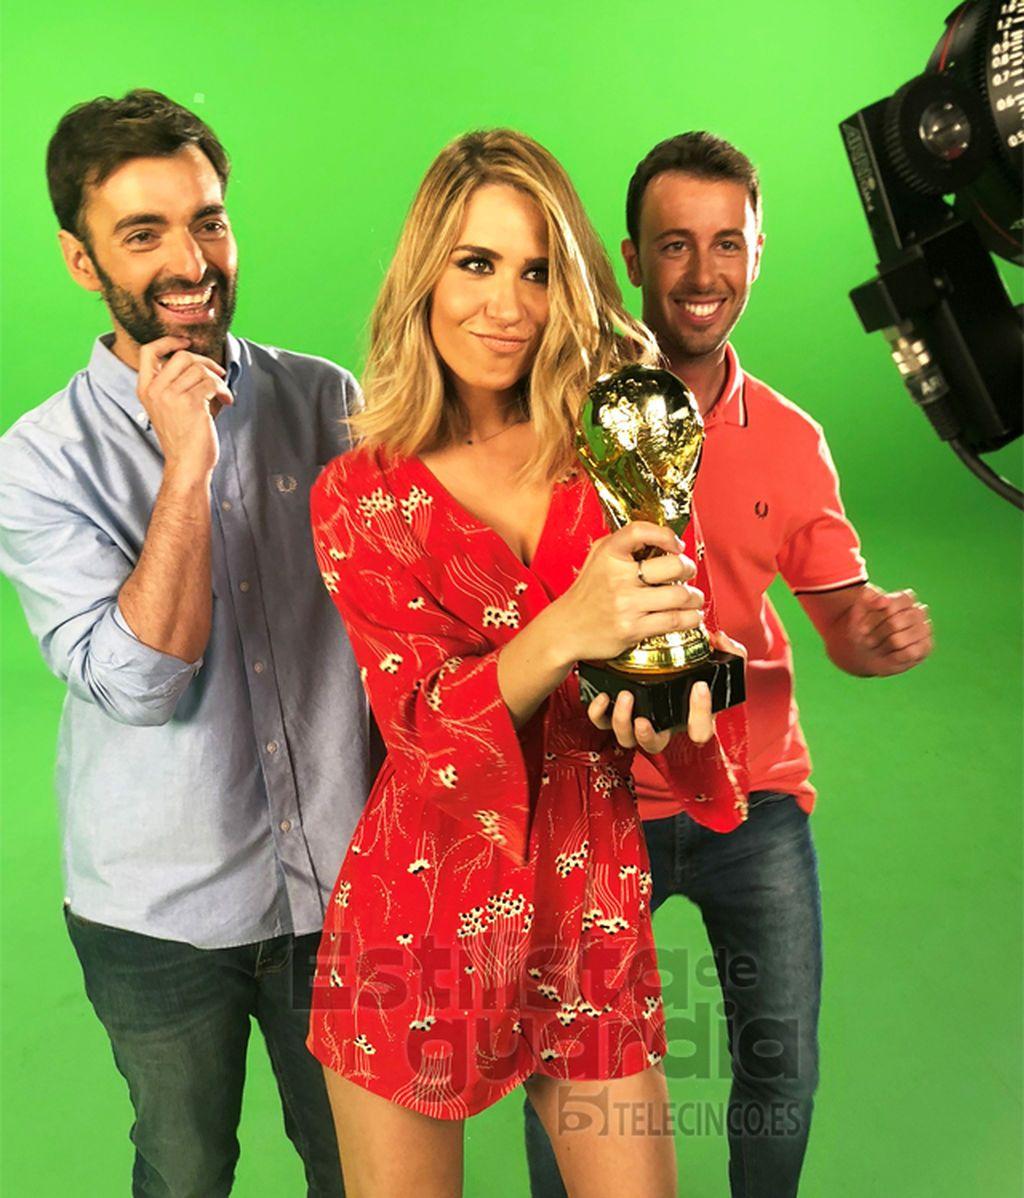 Baila con Mediaset, con María, Ricardo y Matías